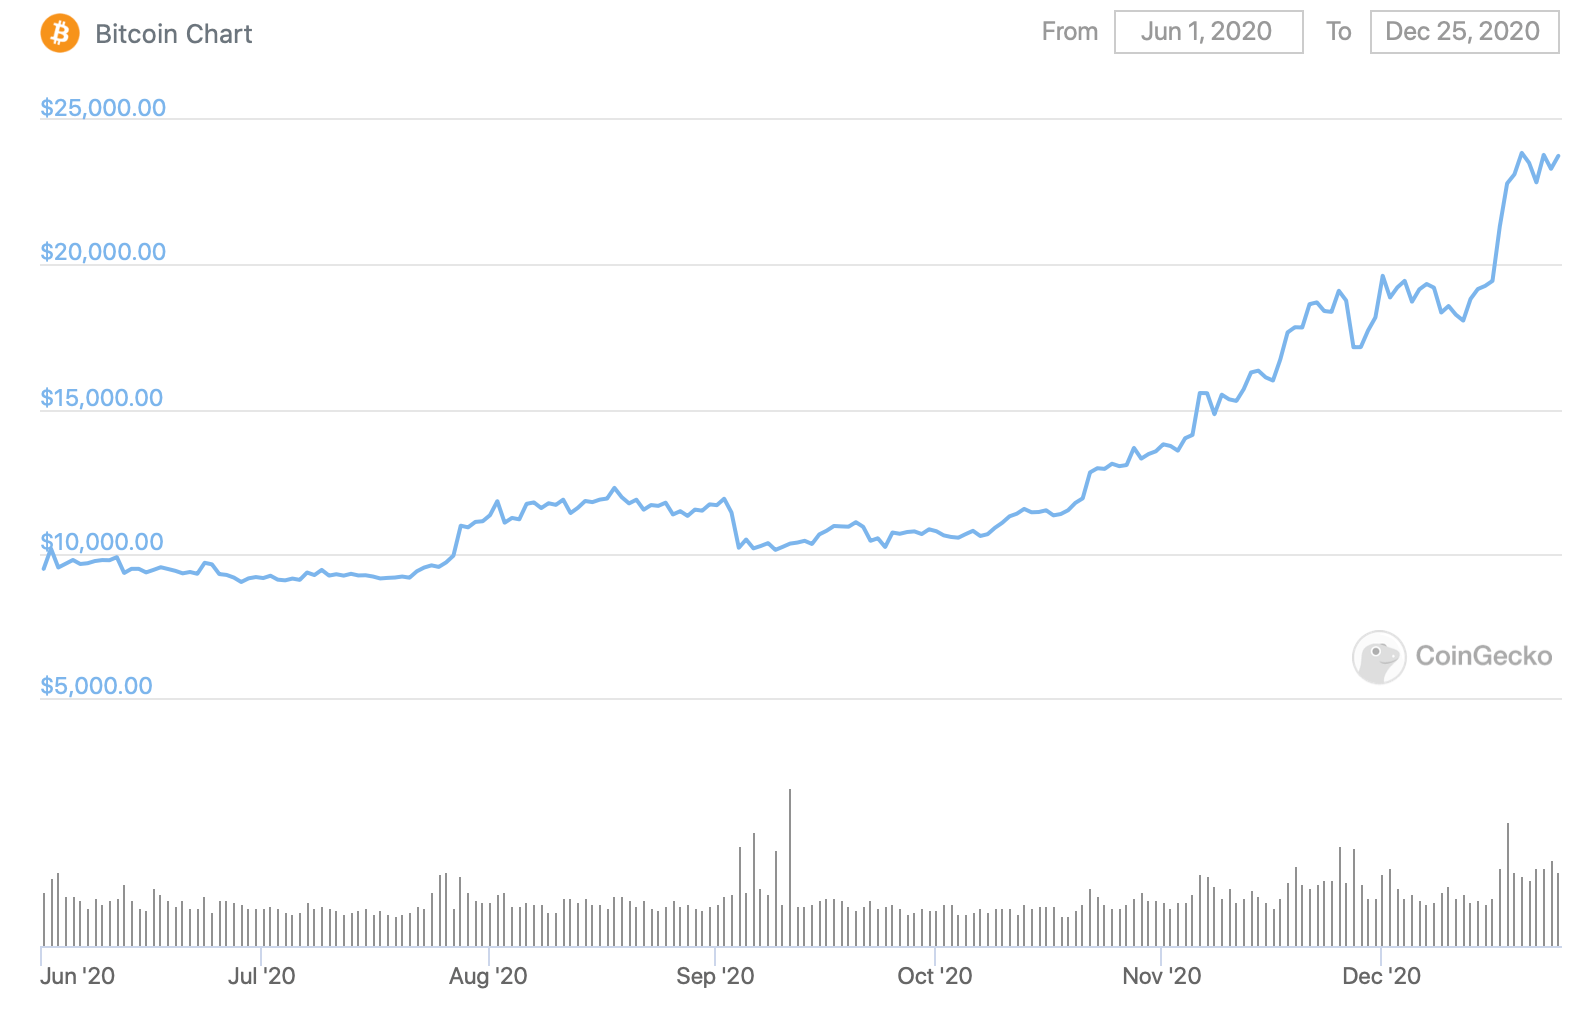 График Биткоина с лета 2020 года